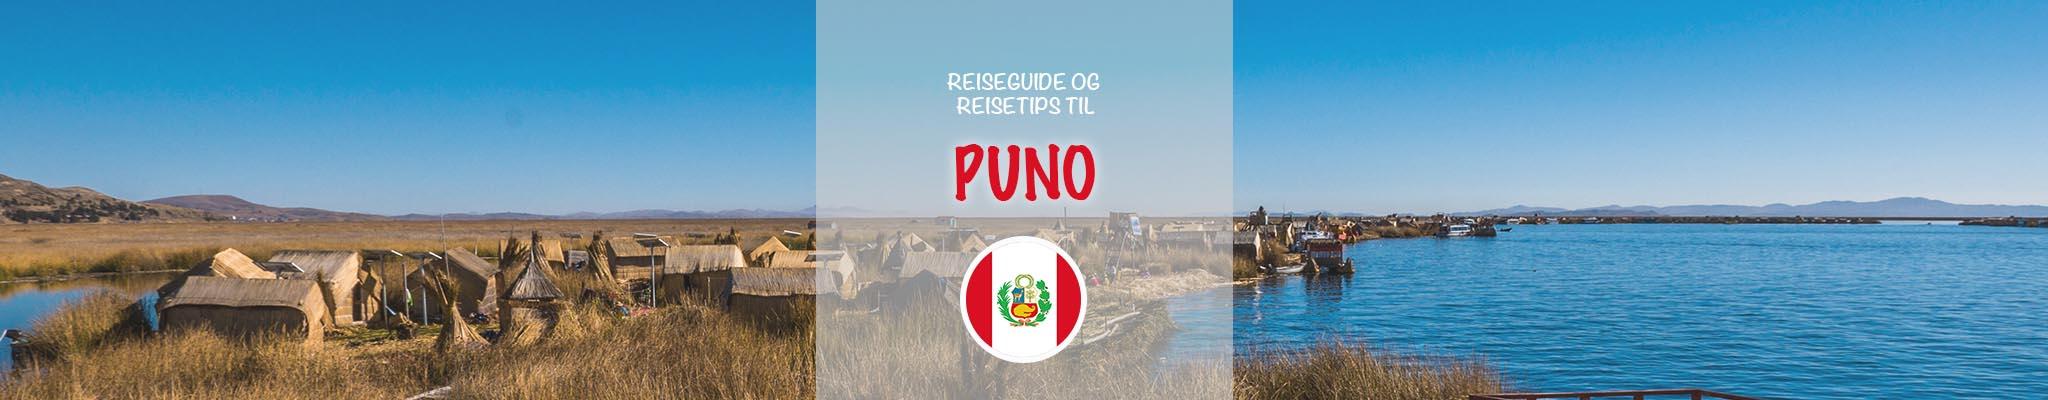 Reiseguide og reisetips til Puno